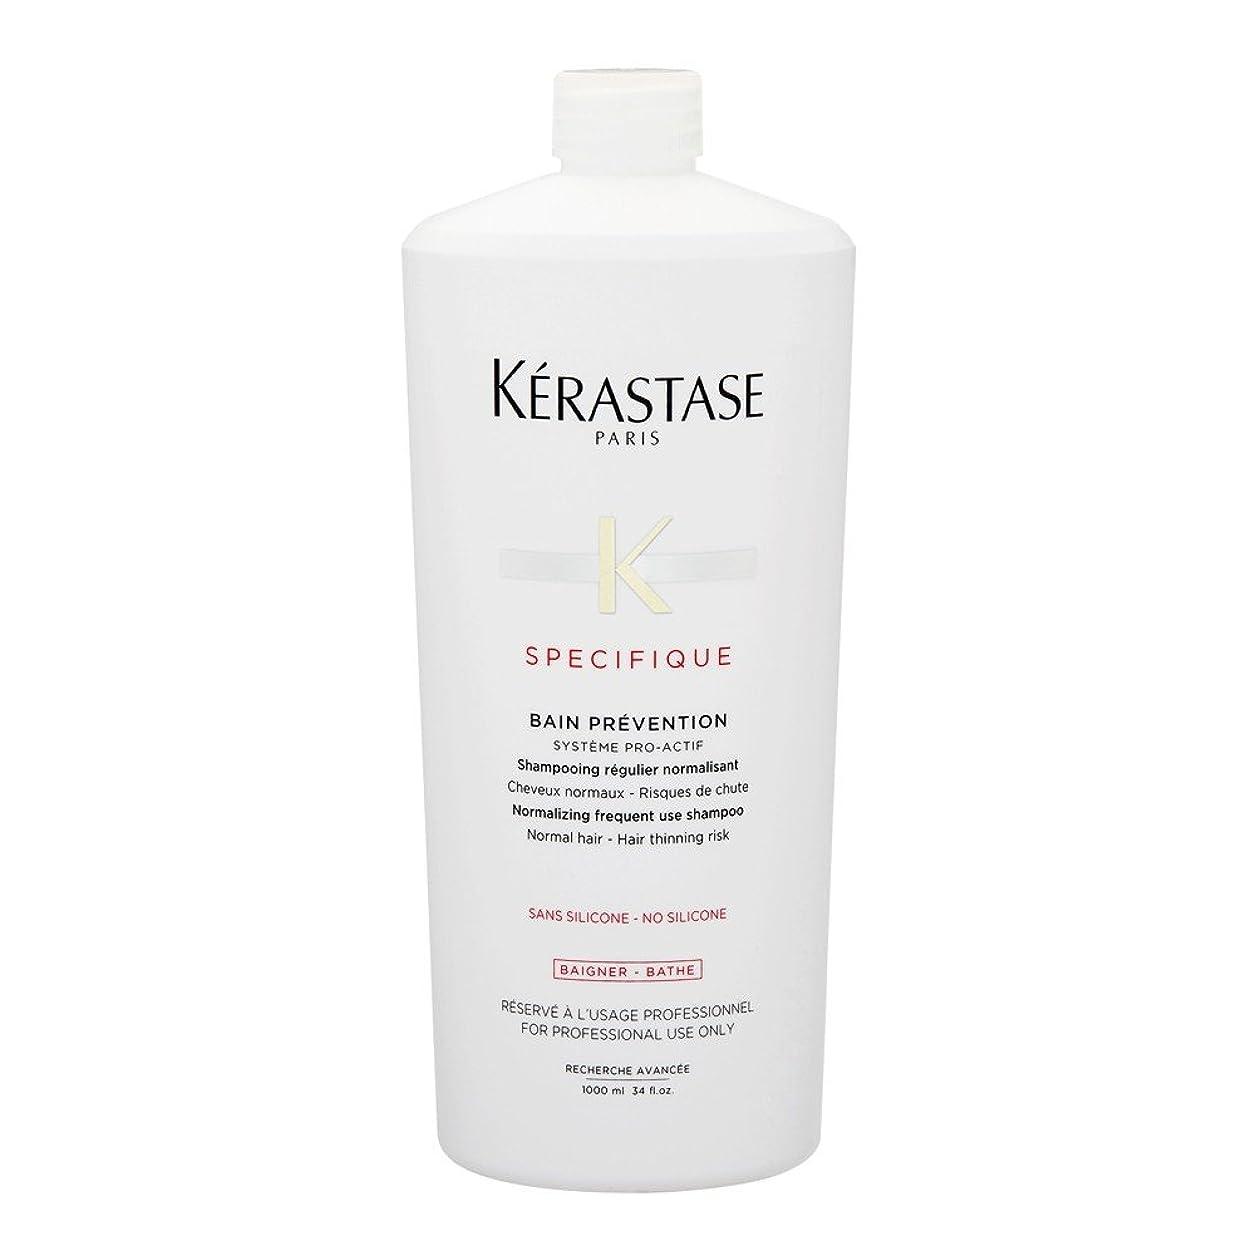 検出に応じてサイドボードケラスターゼ(KERASTASE) スペシフィック SP バン プレバシオン EX<ビッグサイズ> 1000ml [並行輸入品]